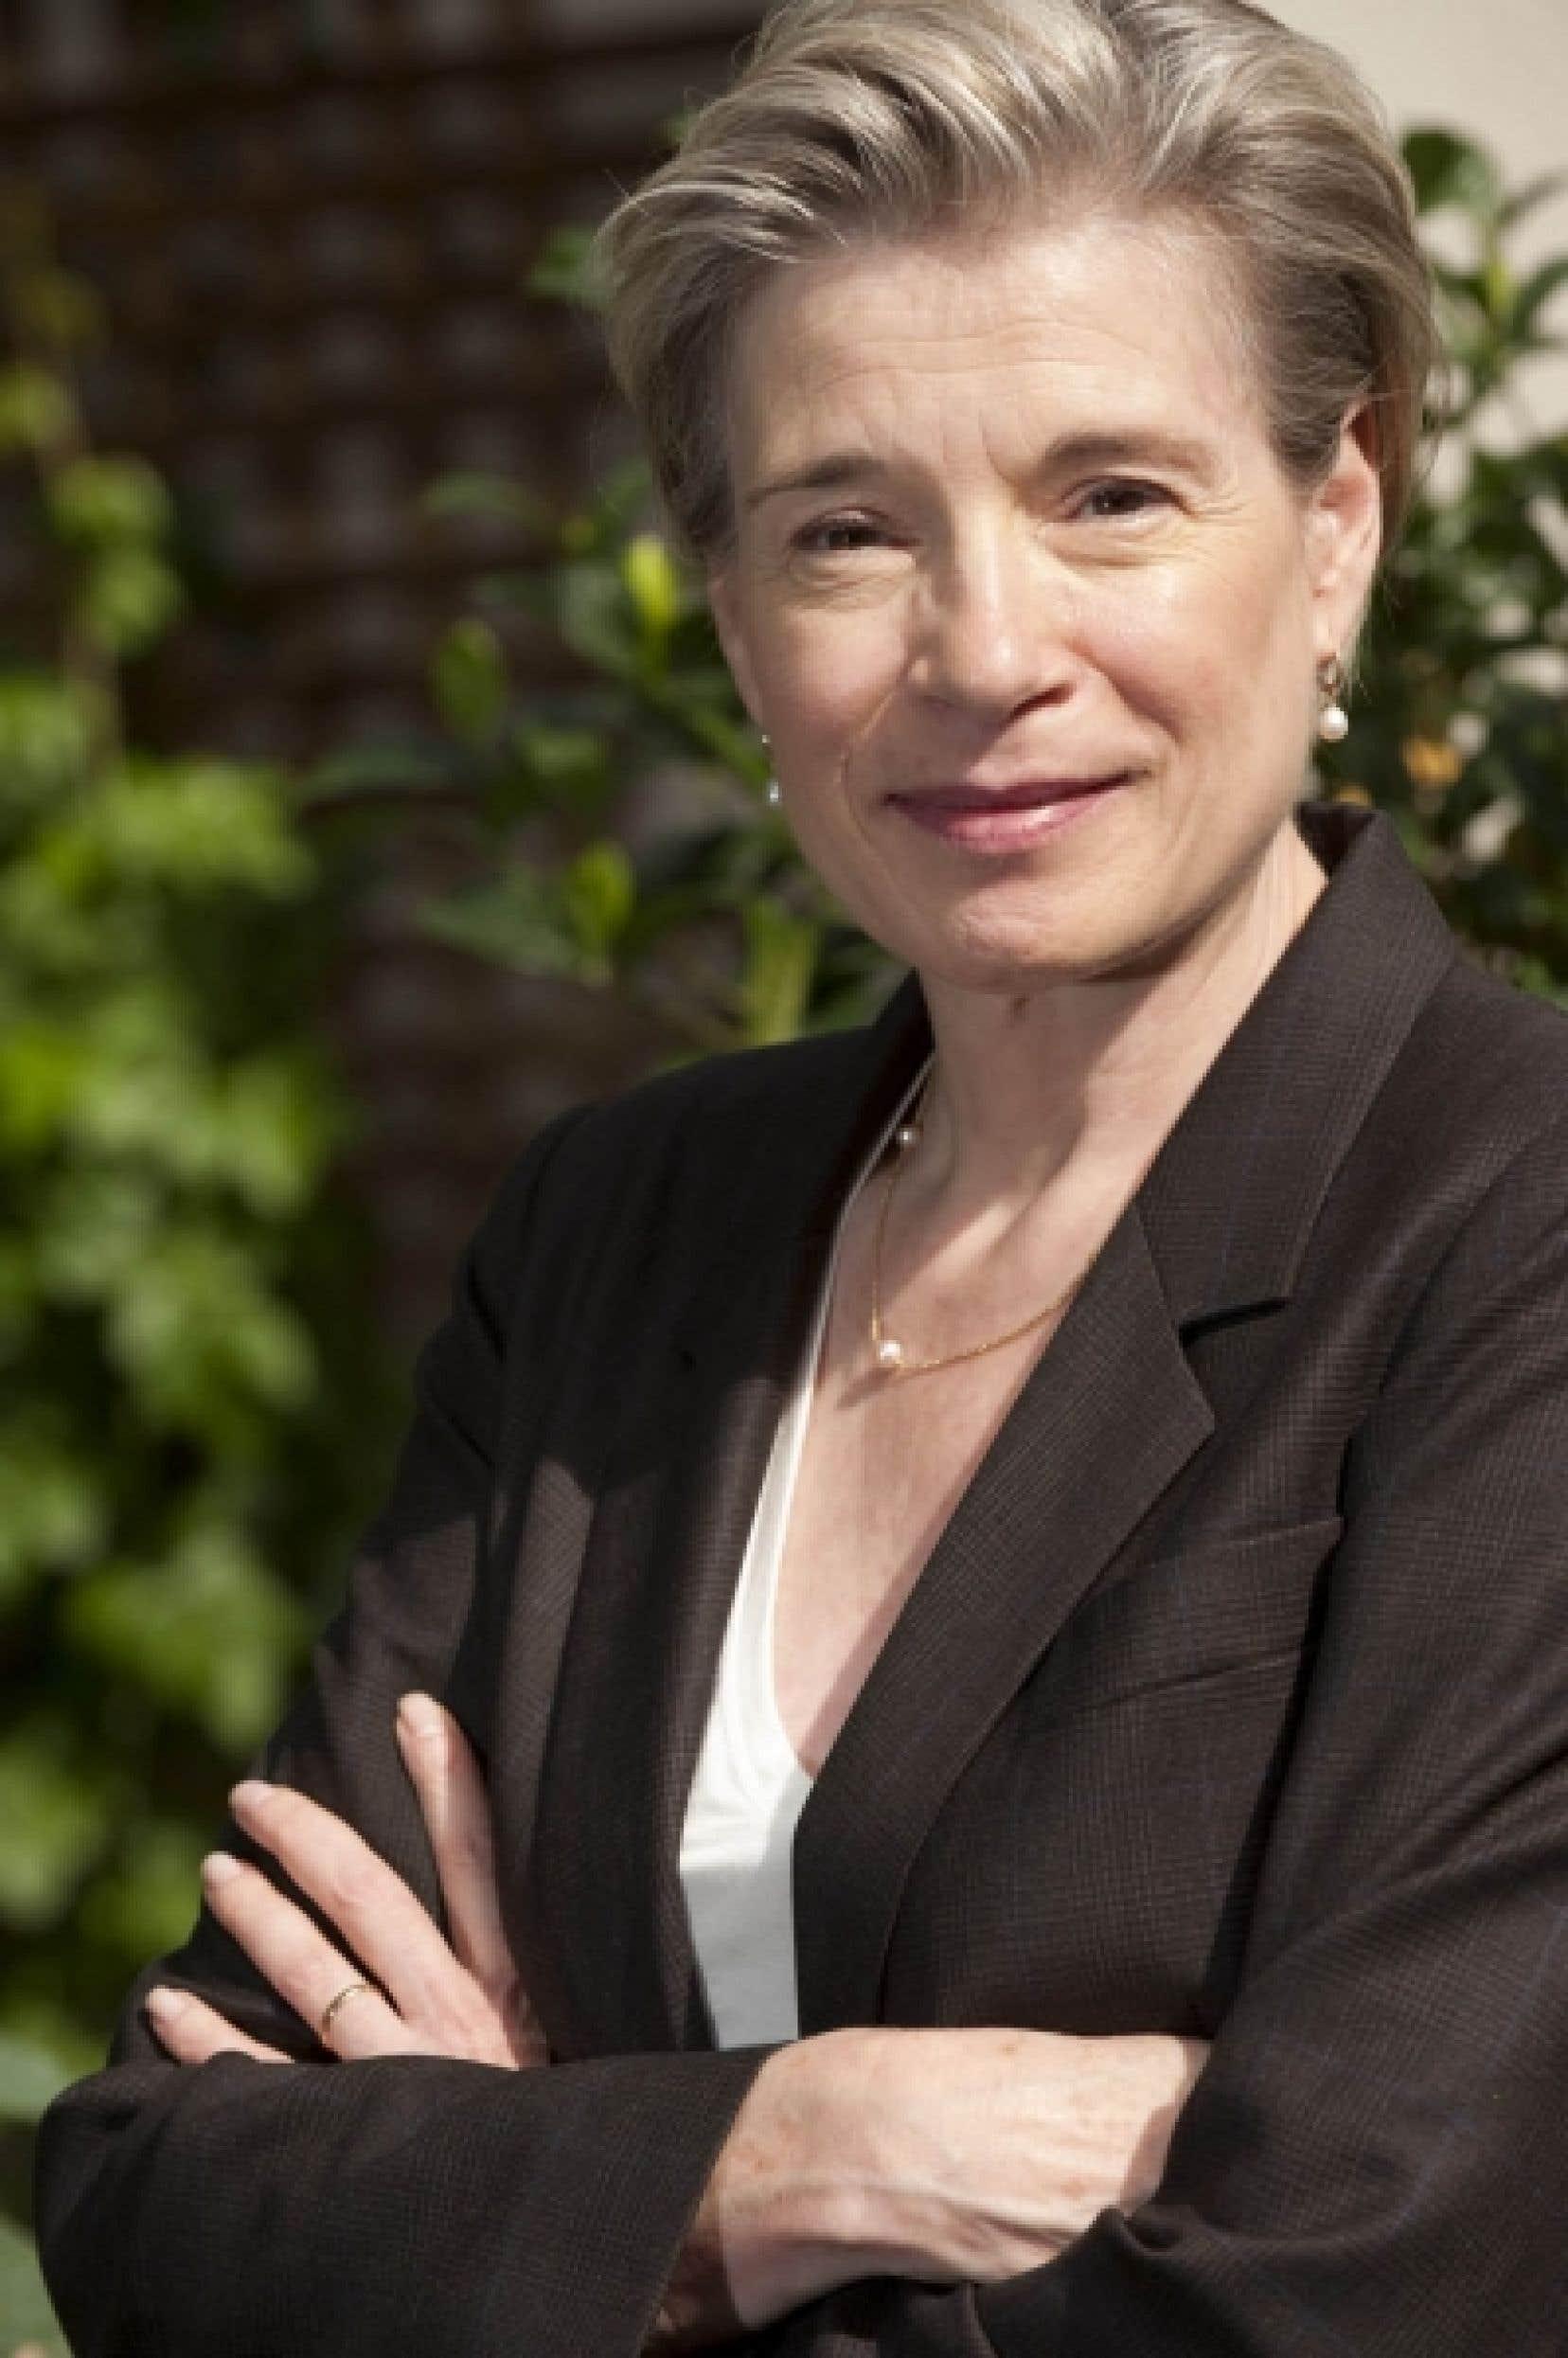 Monique C. Cormier, professeure titulaire au Département de linguistique et de traduction de l'Université de Montréal, stipule que la science devrait en fait prendre plus de place dans le débat public.